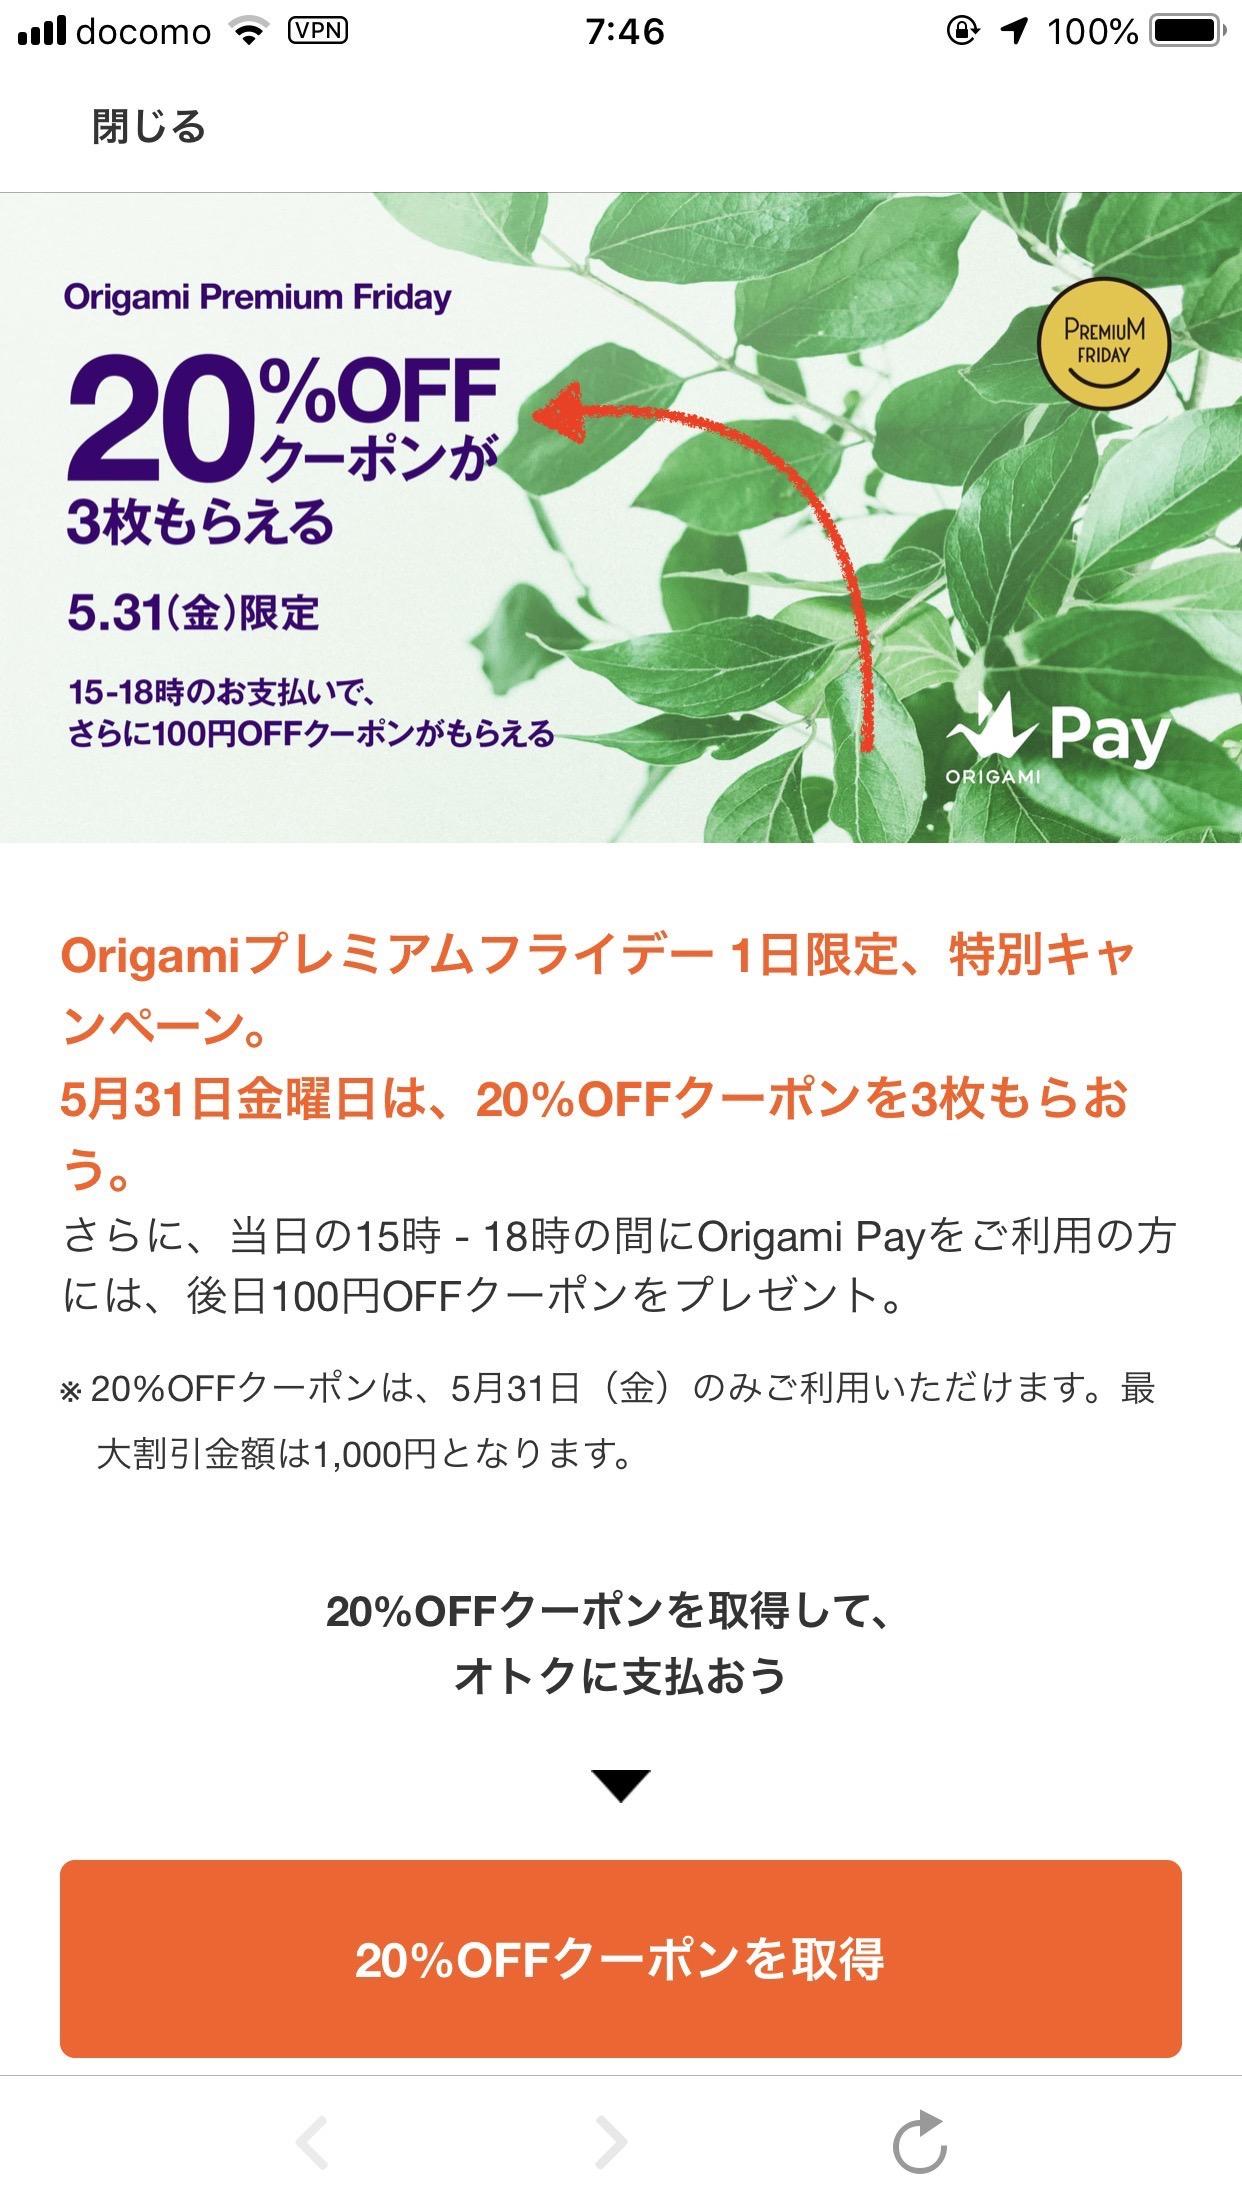 【5/31限定】「オリガミペイ」が20%オフクーポンを3枚も配布!